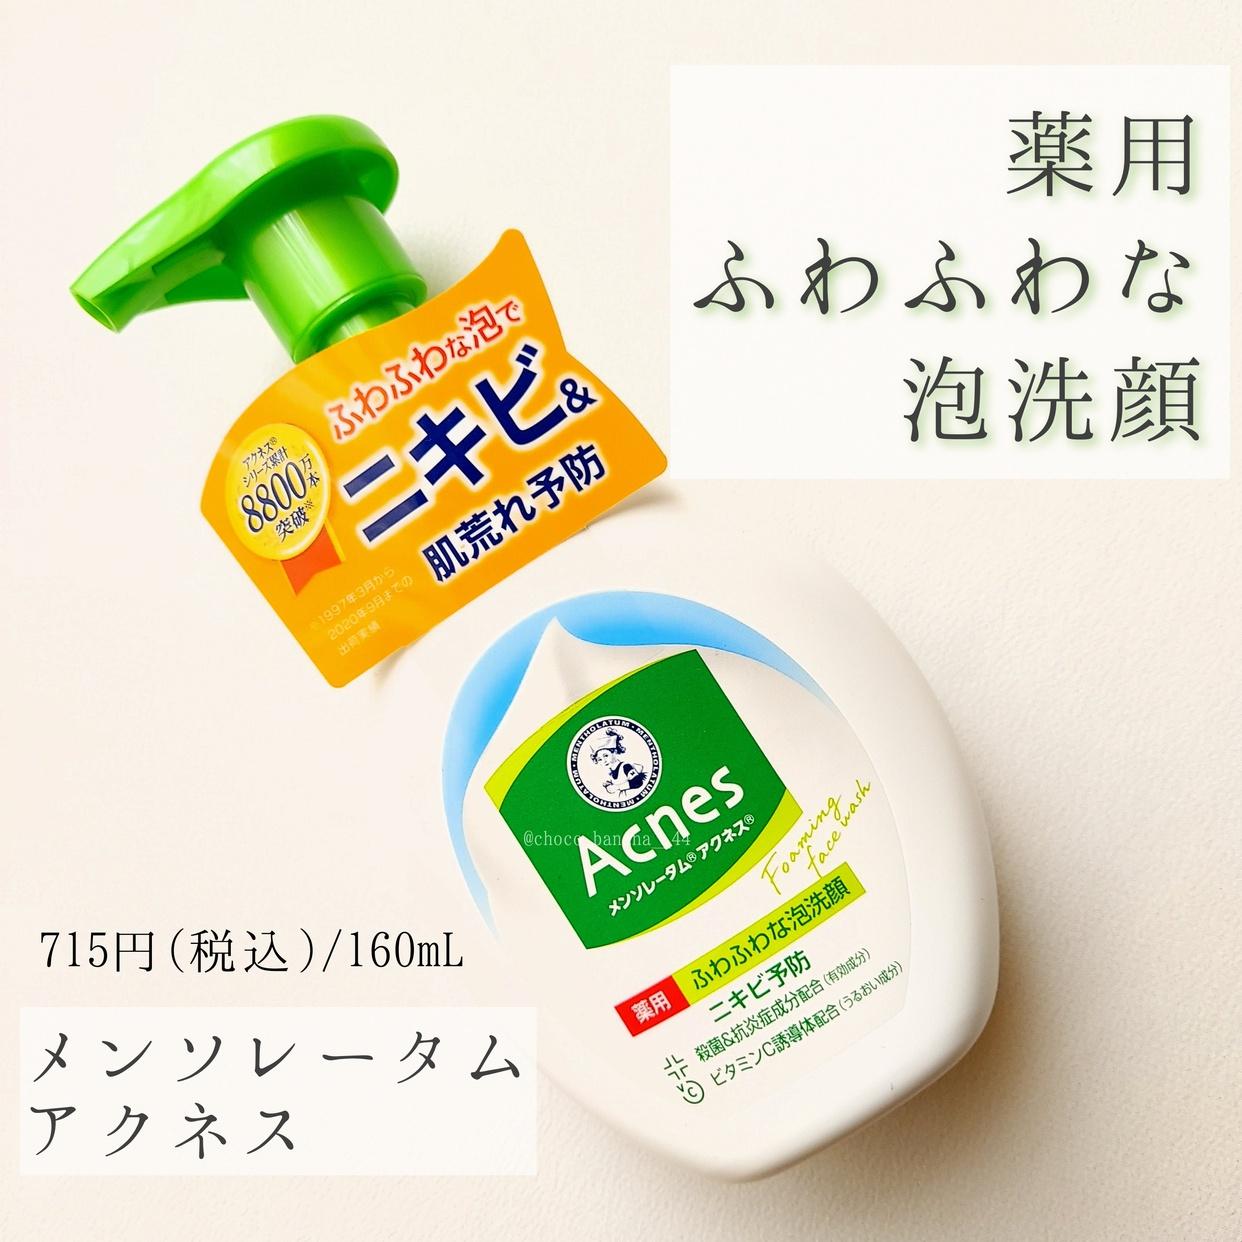 MENTHOLATUM Acnes(メンソレータム アクネス) 薬用ふわふわな泡洗顔を使ったししさんのクチコミ画像2